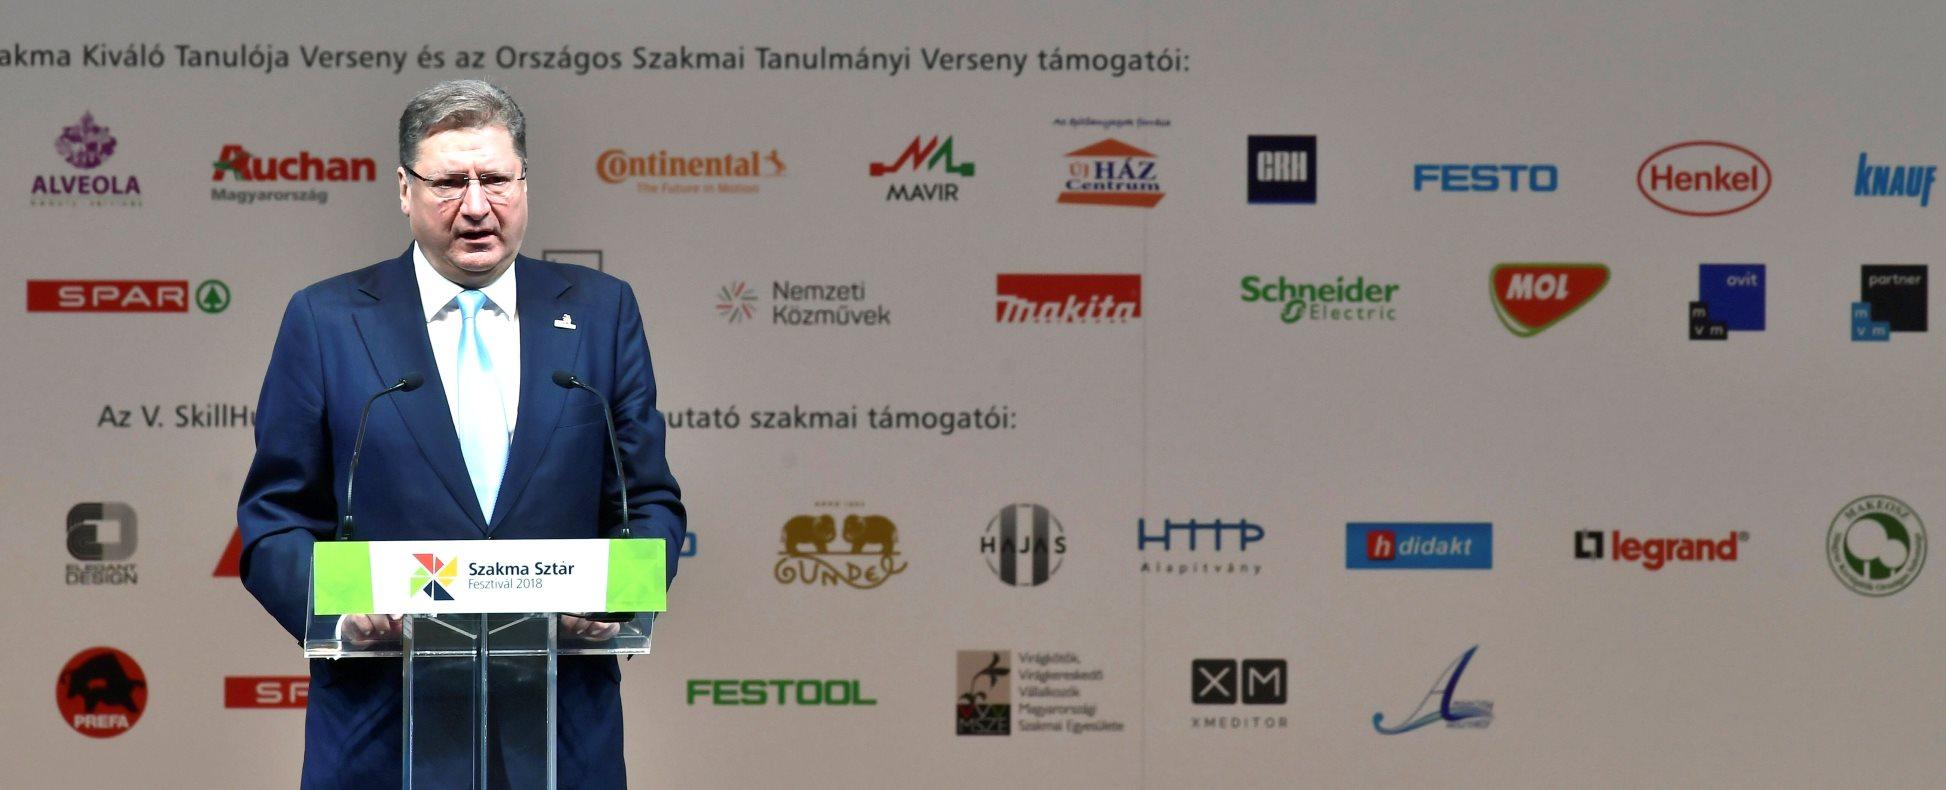 Elkezdődött a 2018. évi Szakma Sztár Fesztivál